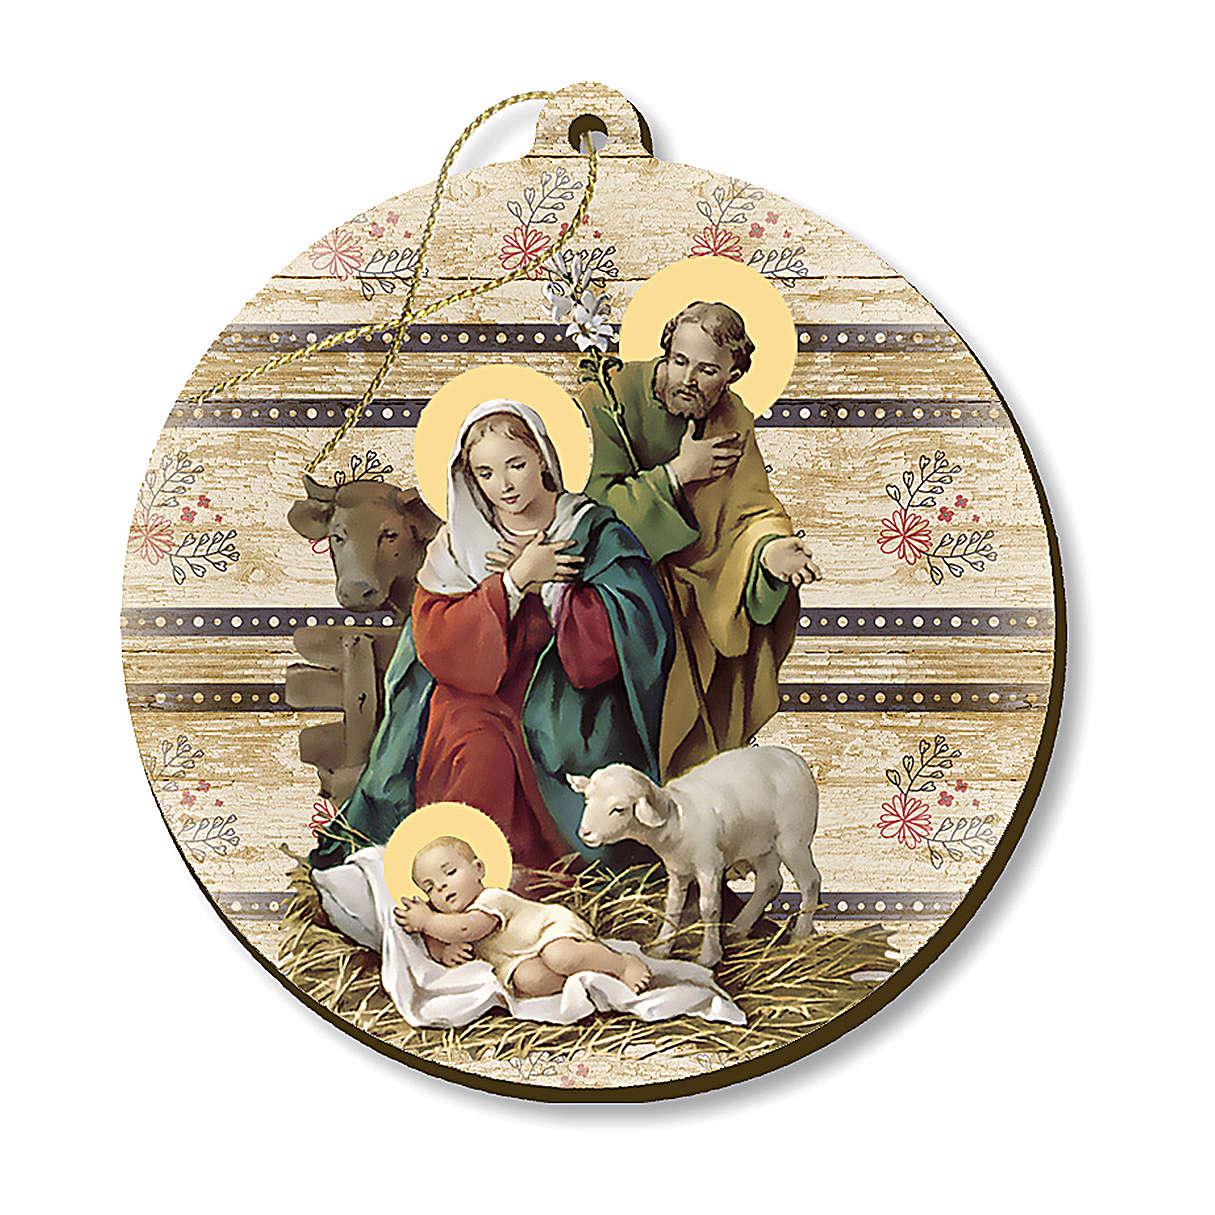 Décoration de Noël bois façonné avec image Crèche 4